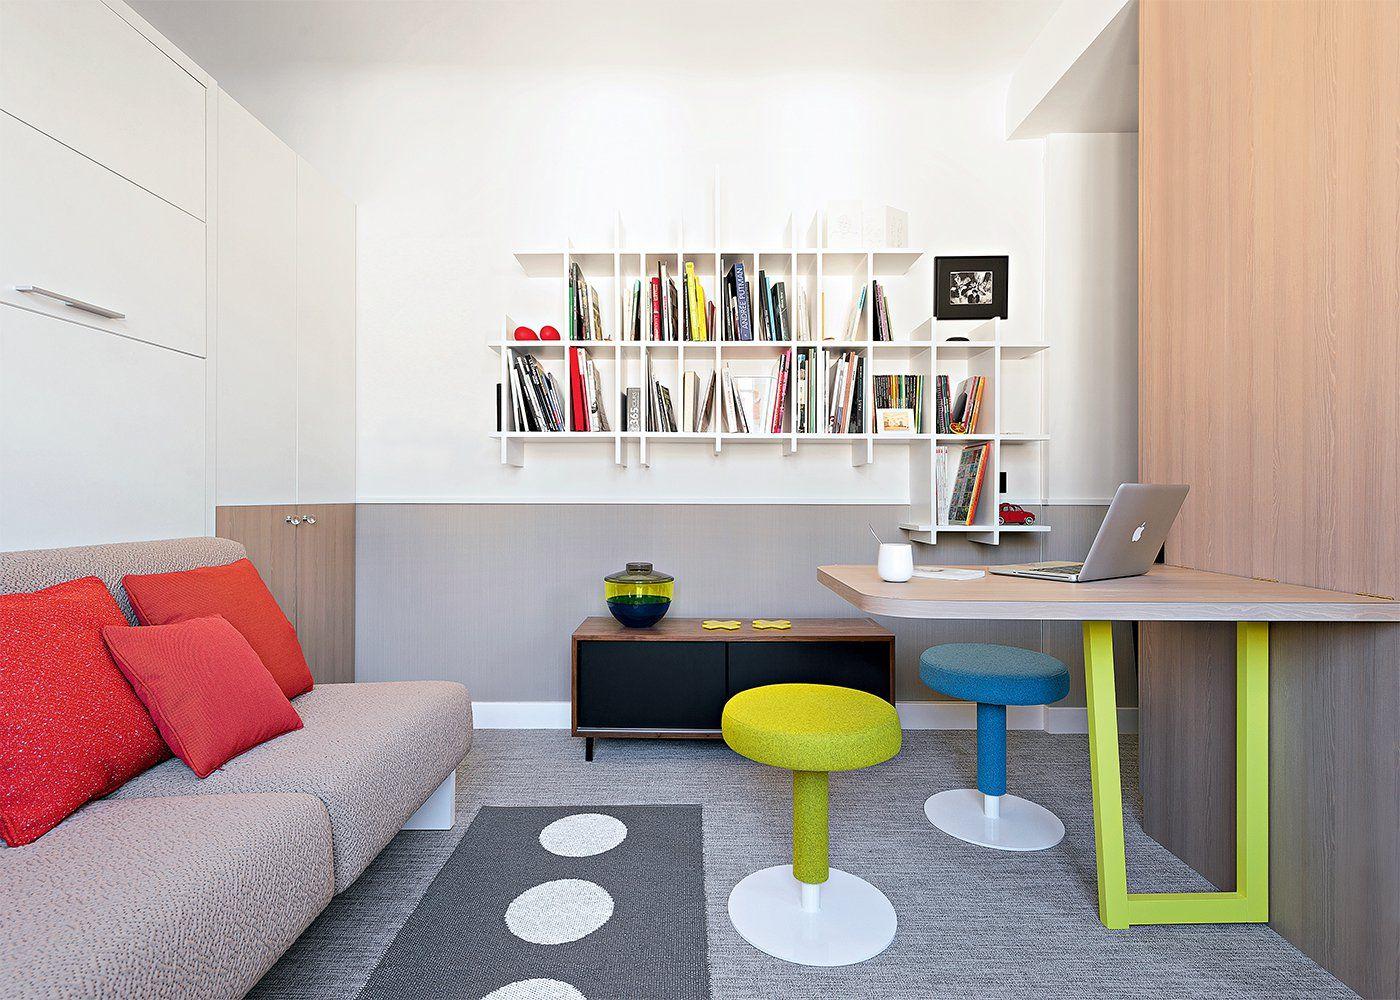 petit salon avec canap tag re et table relevable au style design arty avec m lange de. Black Bedroom Furniture Sets. Home Design Ideas